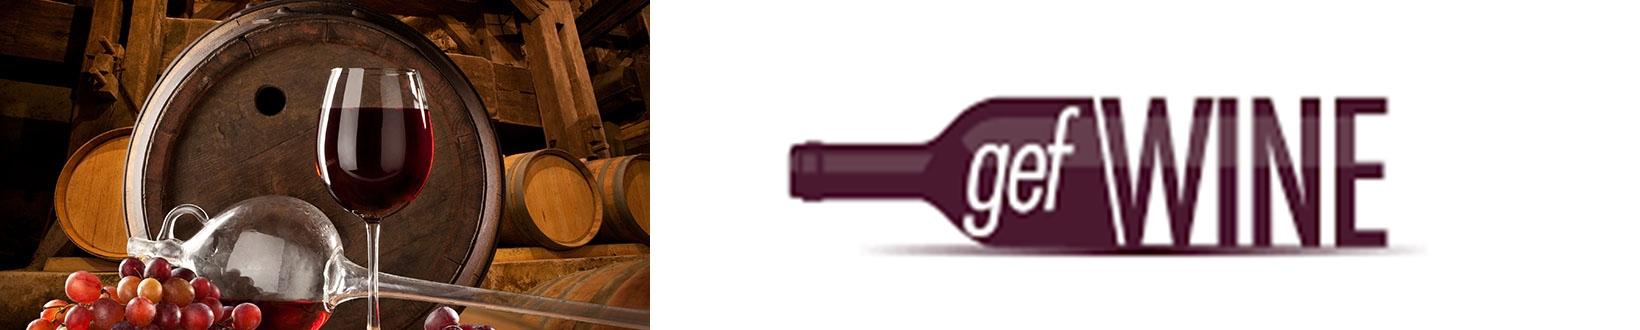 Convenzione: ENOTECA GEF WINE